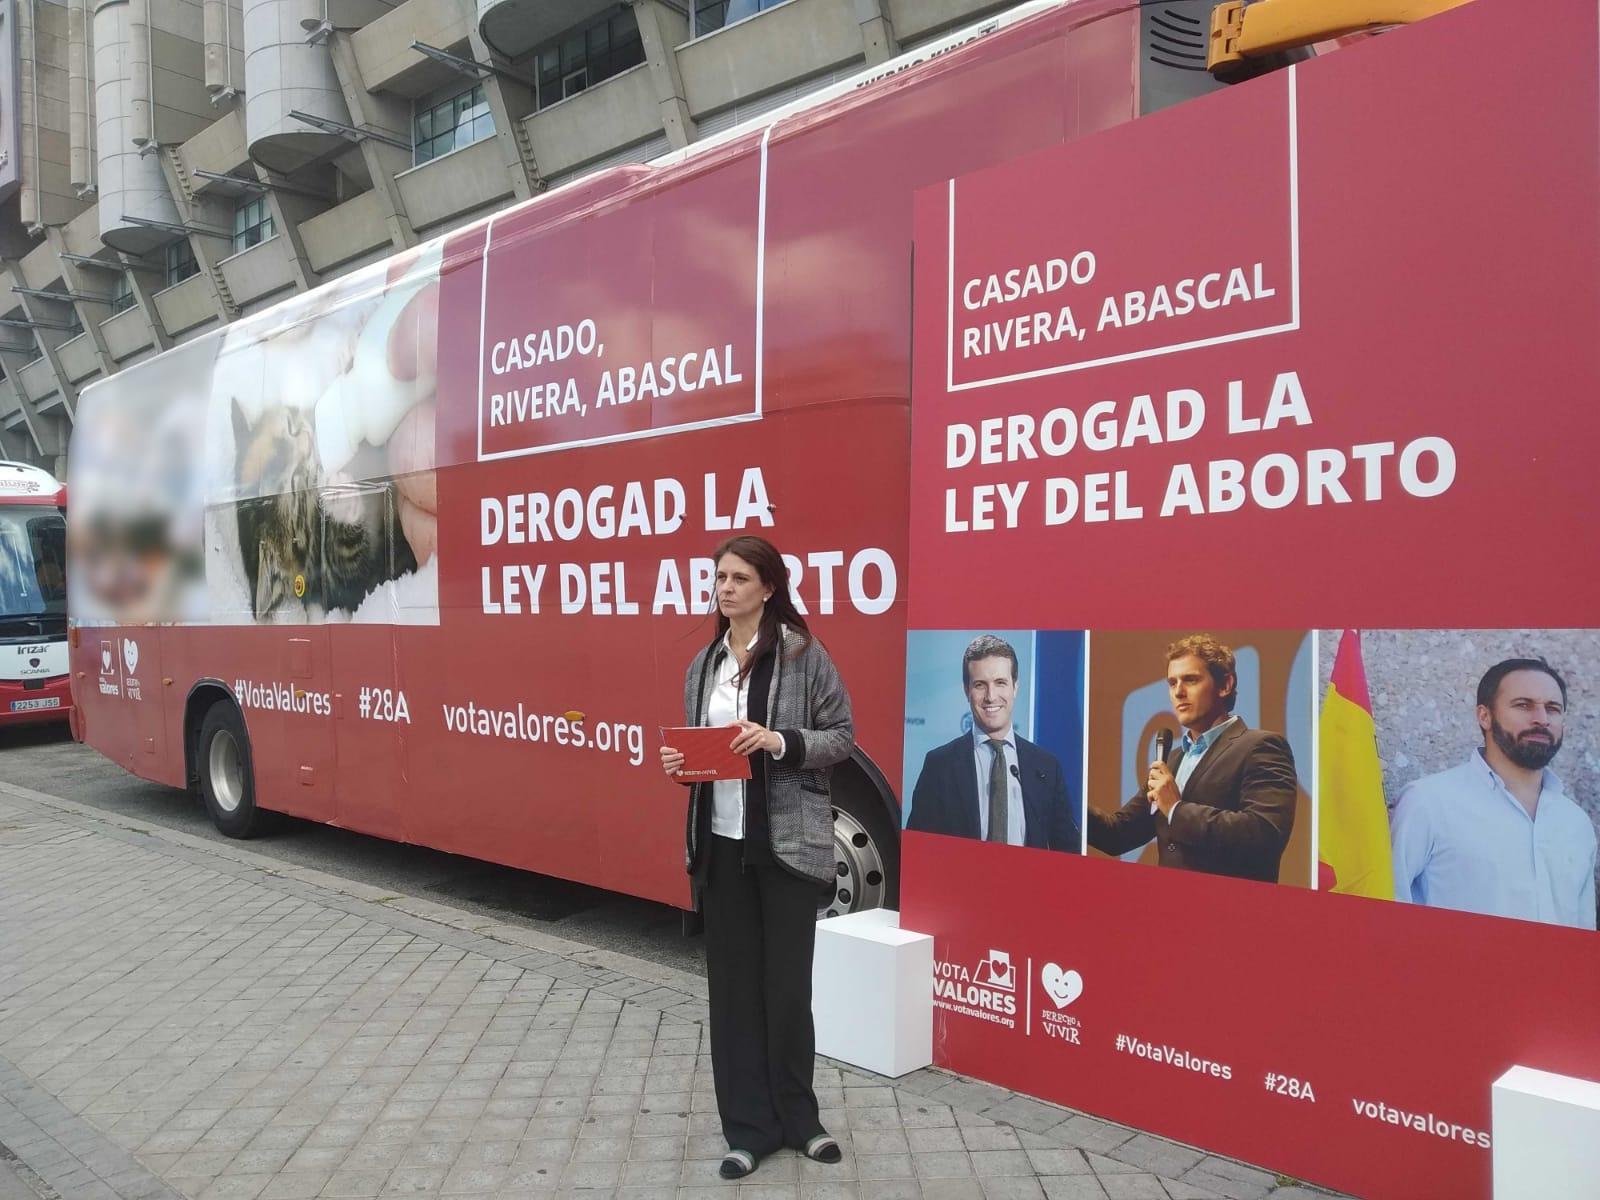 Derecho a Vivir fleta el autobús #StopAborto